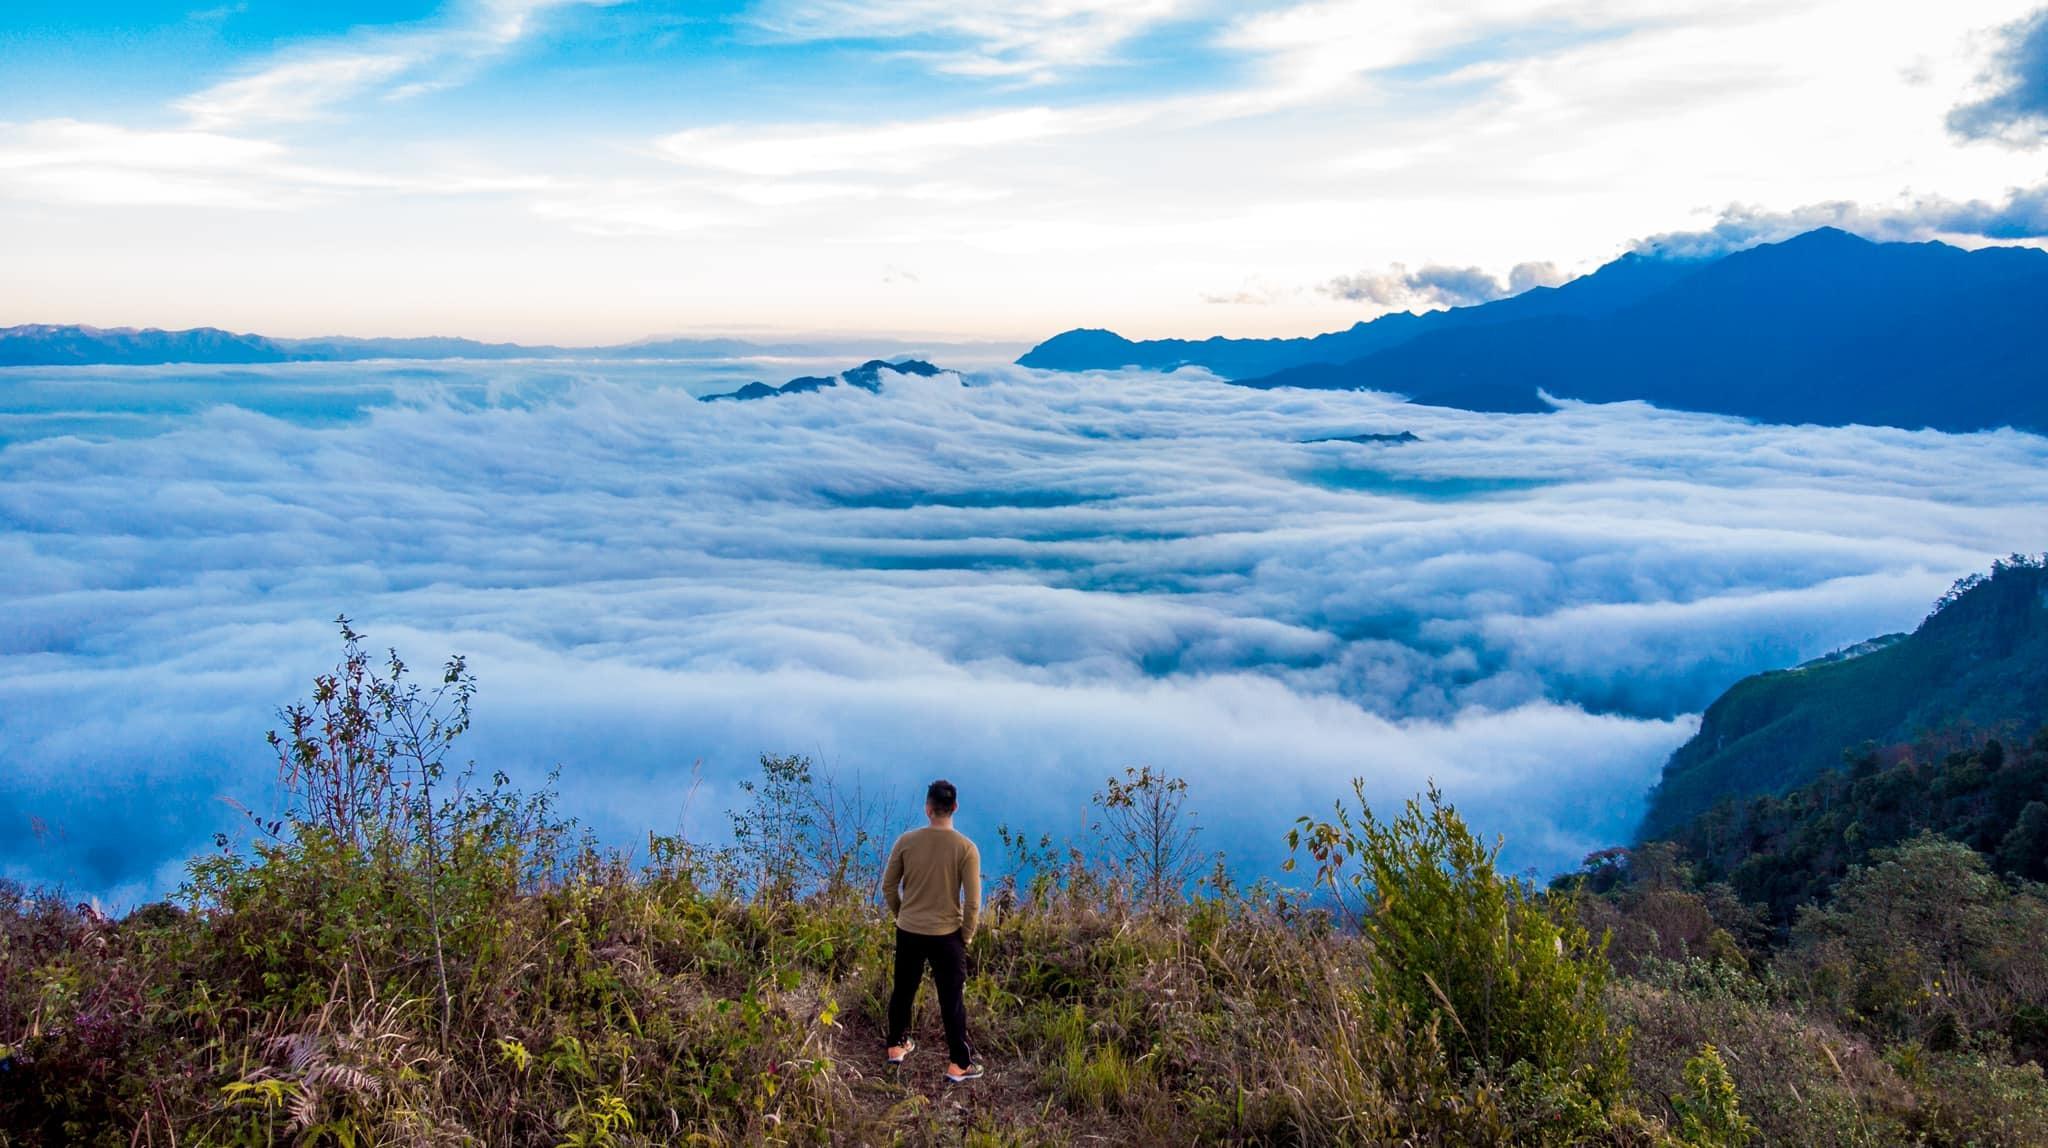 8 mùa đẹp nhất ở Việt Nam tuổi trẻ ai cũng phải đi thử